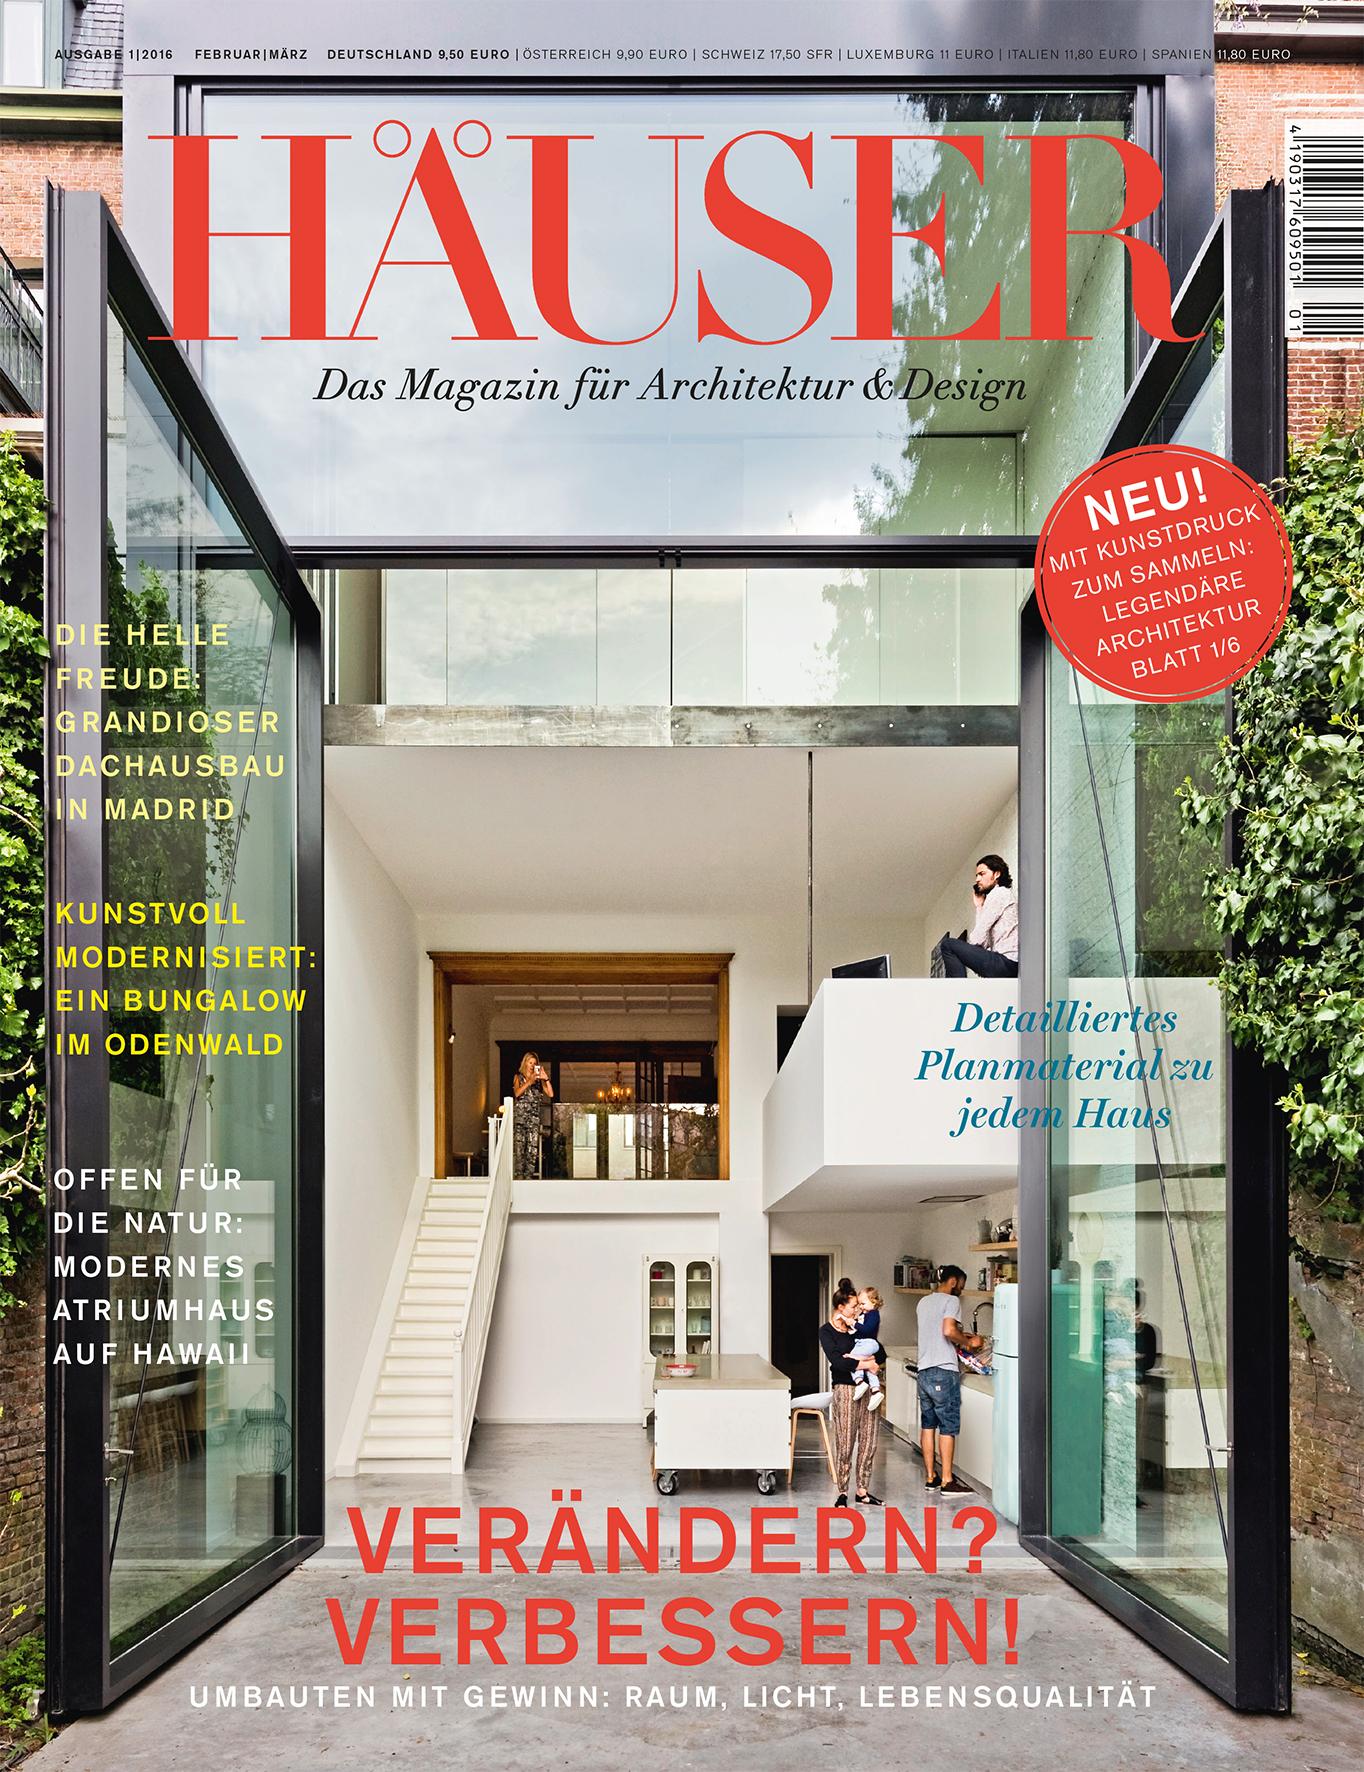 spektakul re h user deutschlands premium architektur magazin h user sucht f r den h user award. Black Bedroom Furniture Sets. Home Design Ideas